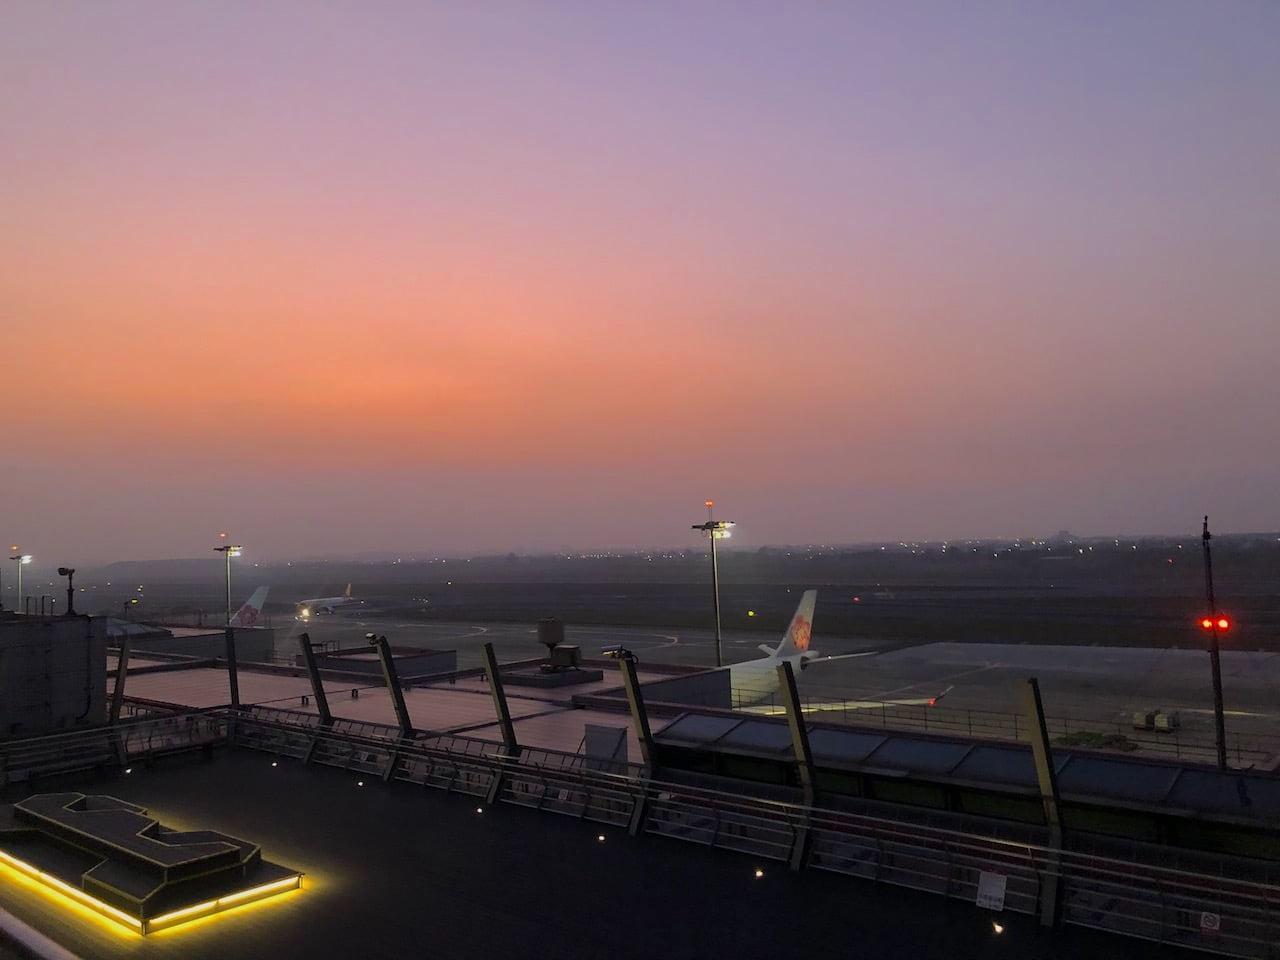 桃園空港第2ターミナル 5階 北側の屋外展望デッキ